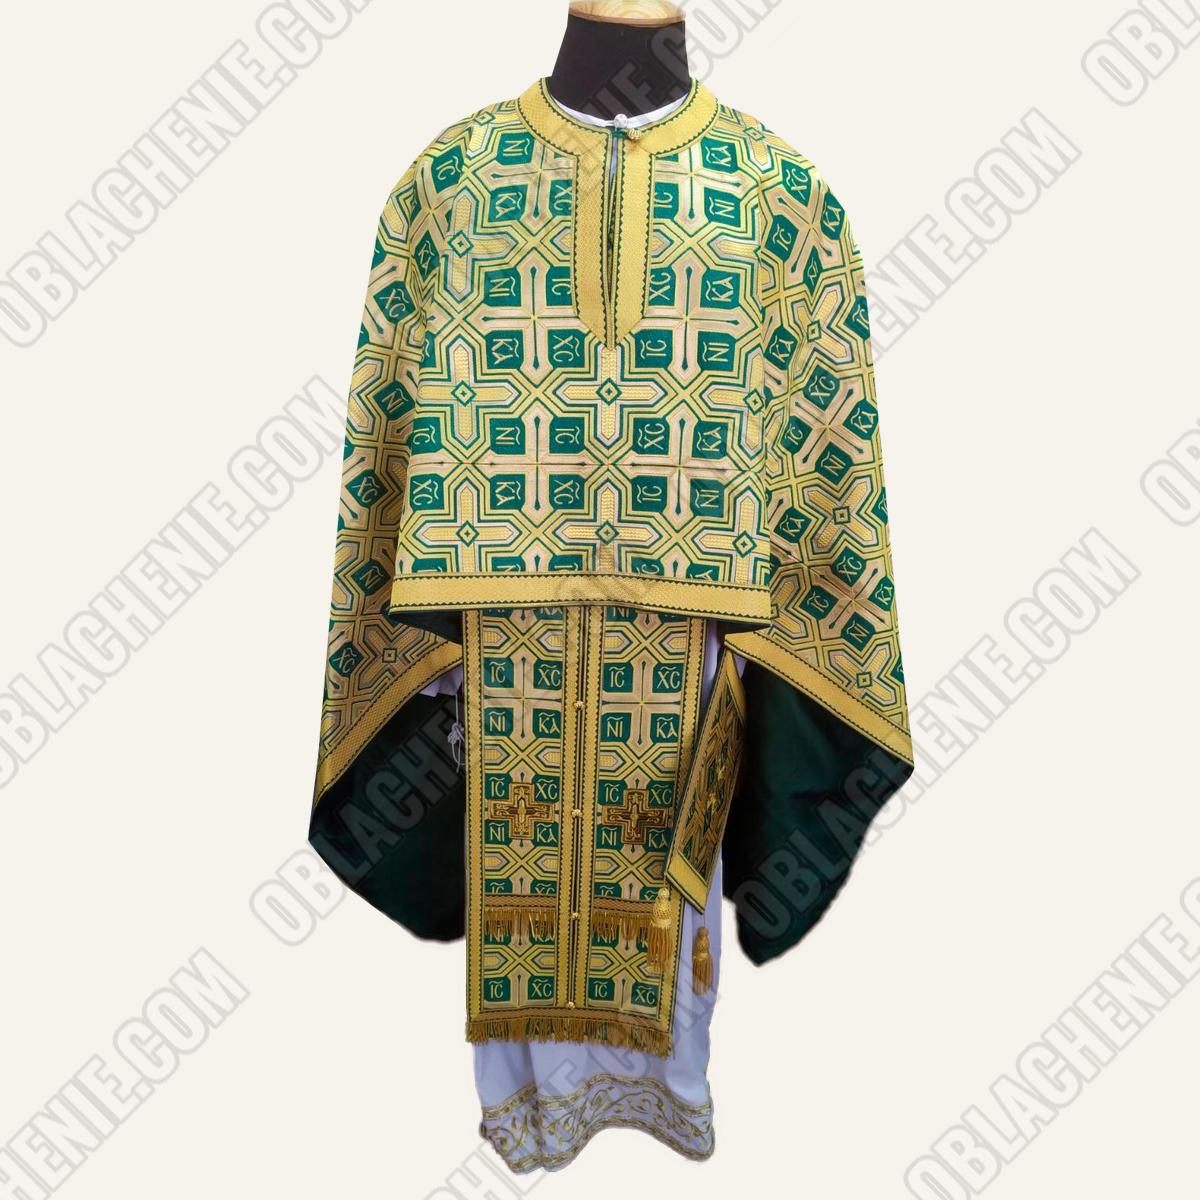 PRIEST'S VESTMENTS 11028